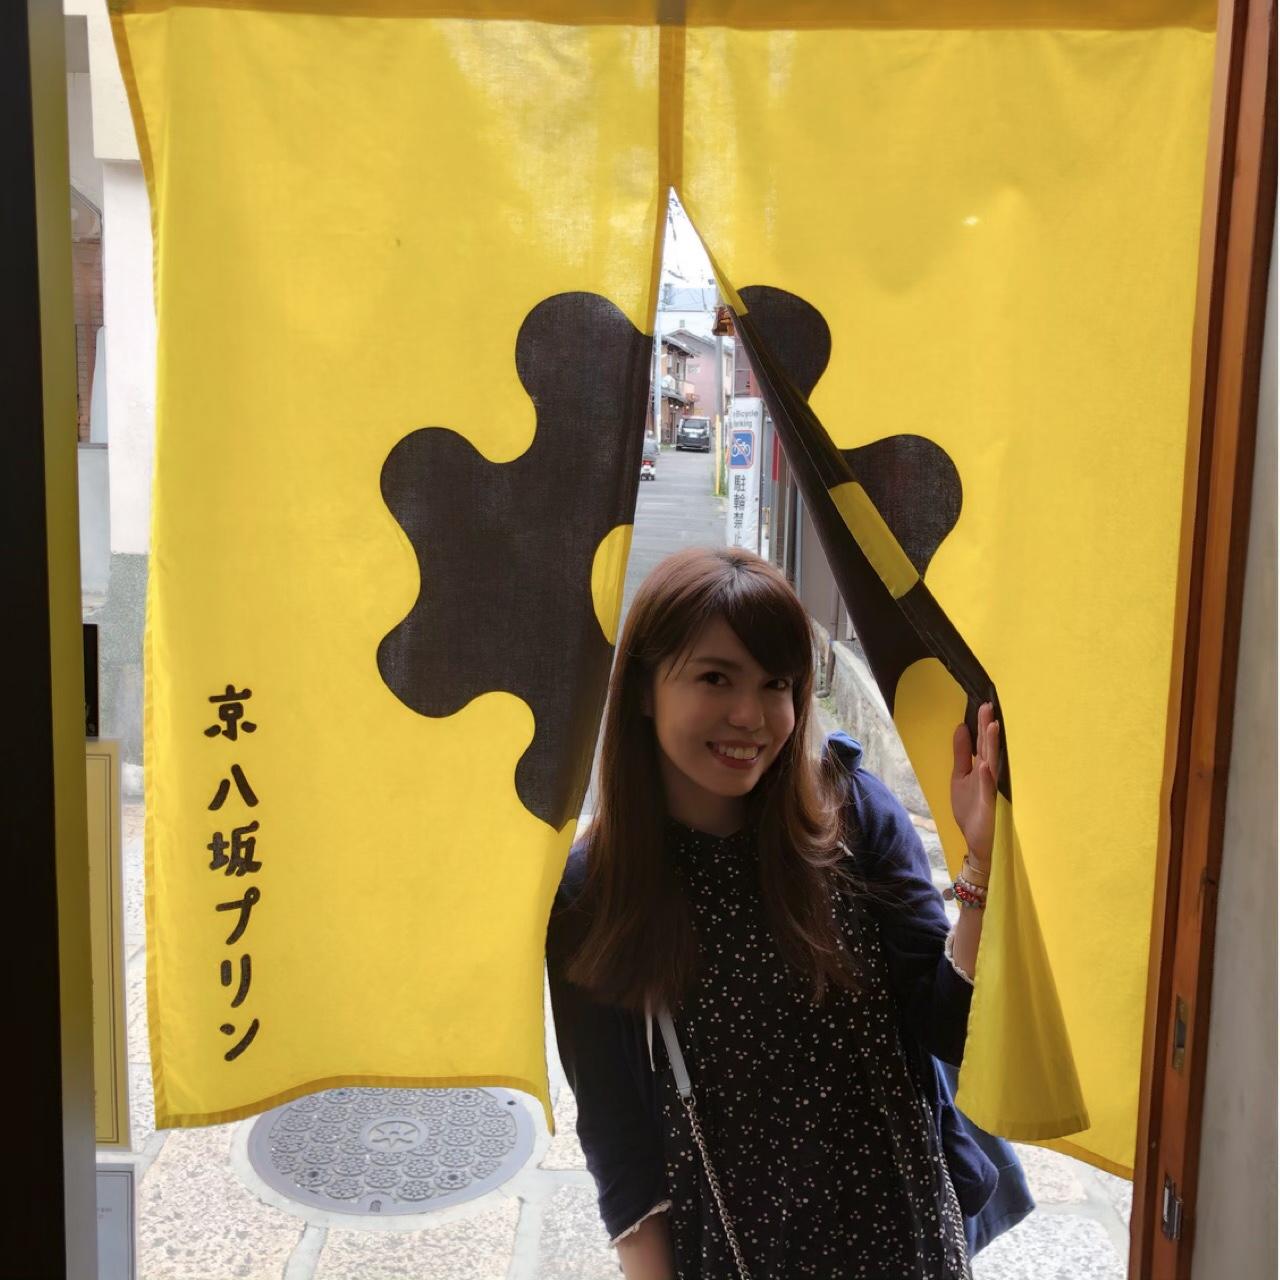 """<京都*女子旅にオススメ>SNS映えも叶う!京都の最新スイーツを食べたいなら""""京 八坂プリン""""がオススメ♡_1"""